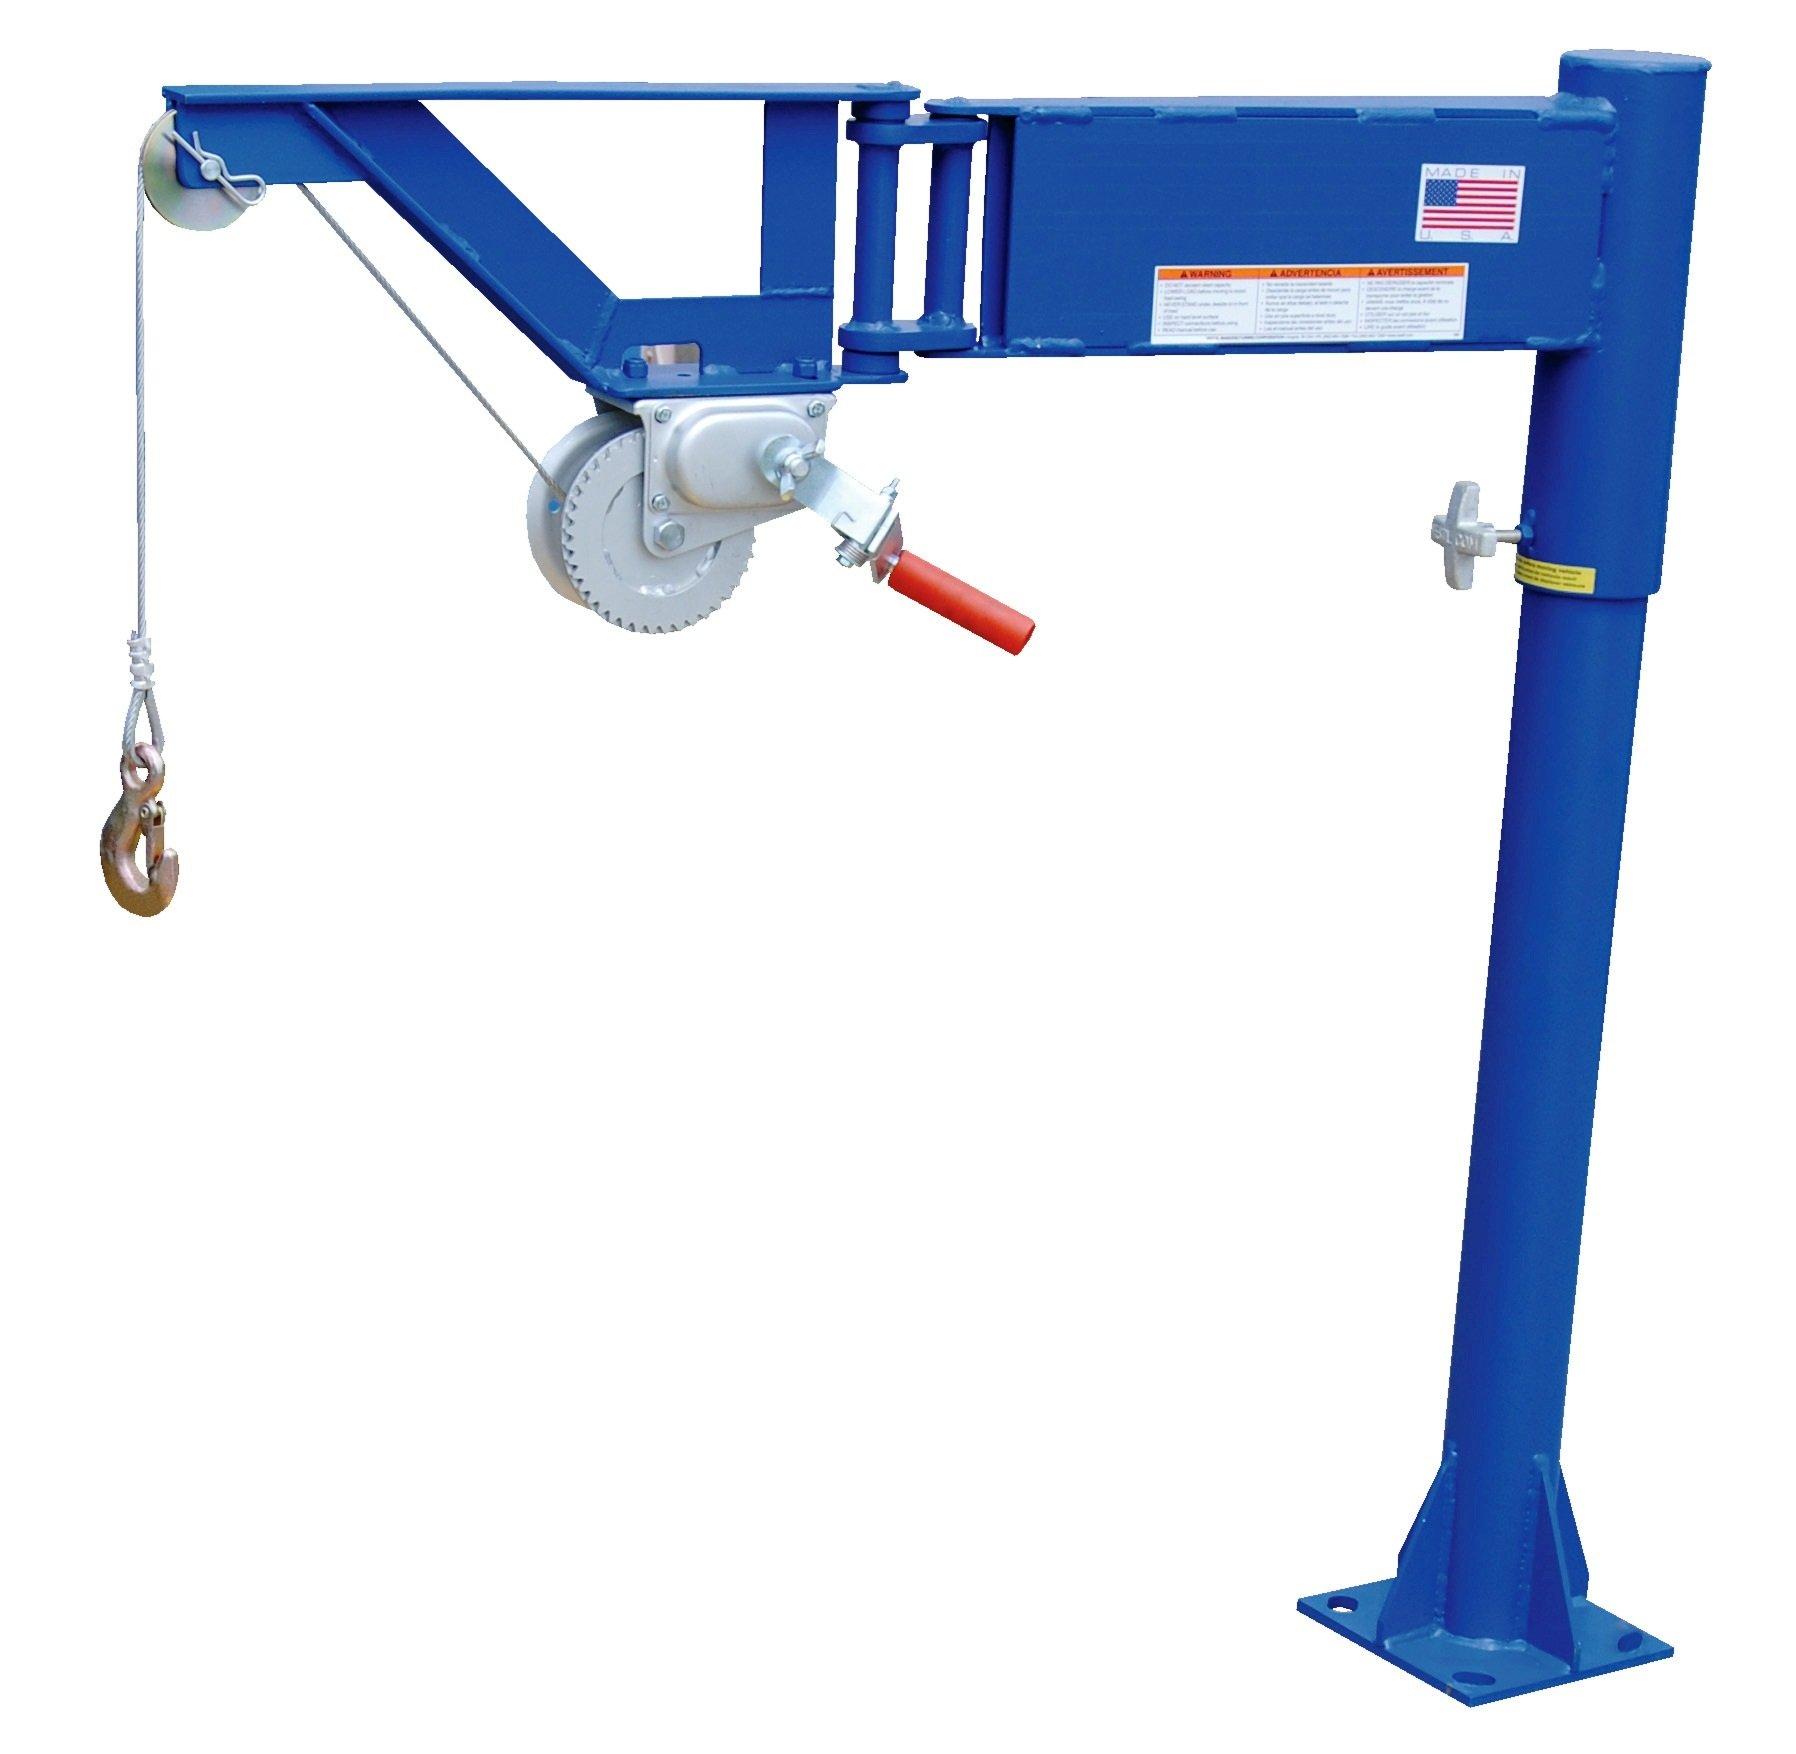 Vestil VAN-J Van Mount Manual Jib Lifter, Steel, 400 lb. Capacity, 10' Cable Length, 46-1/16'' Height